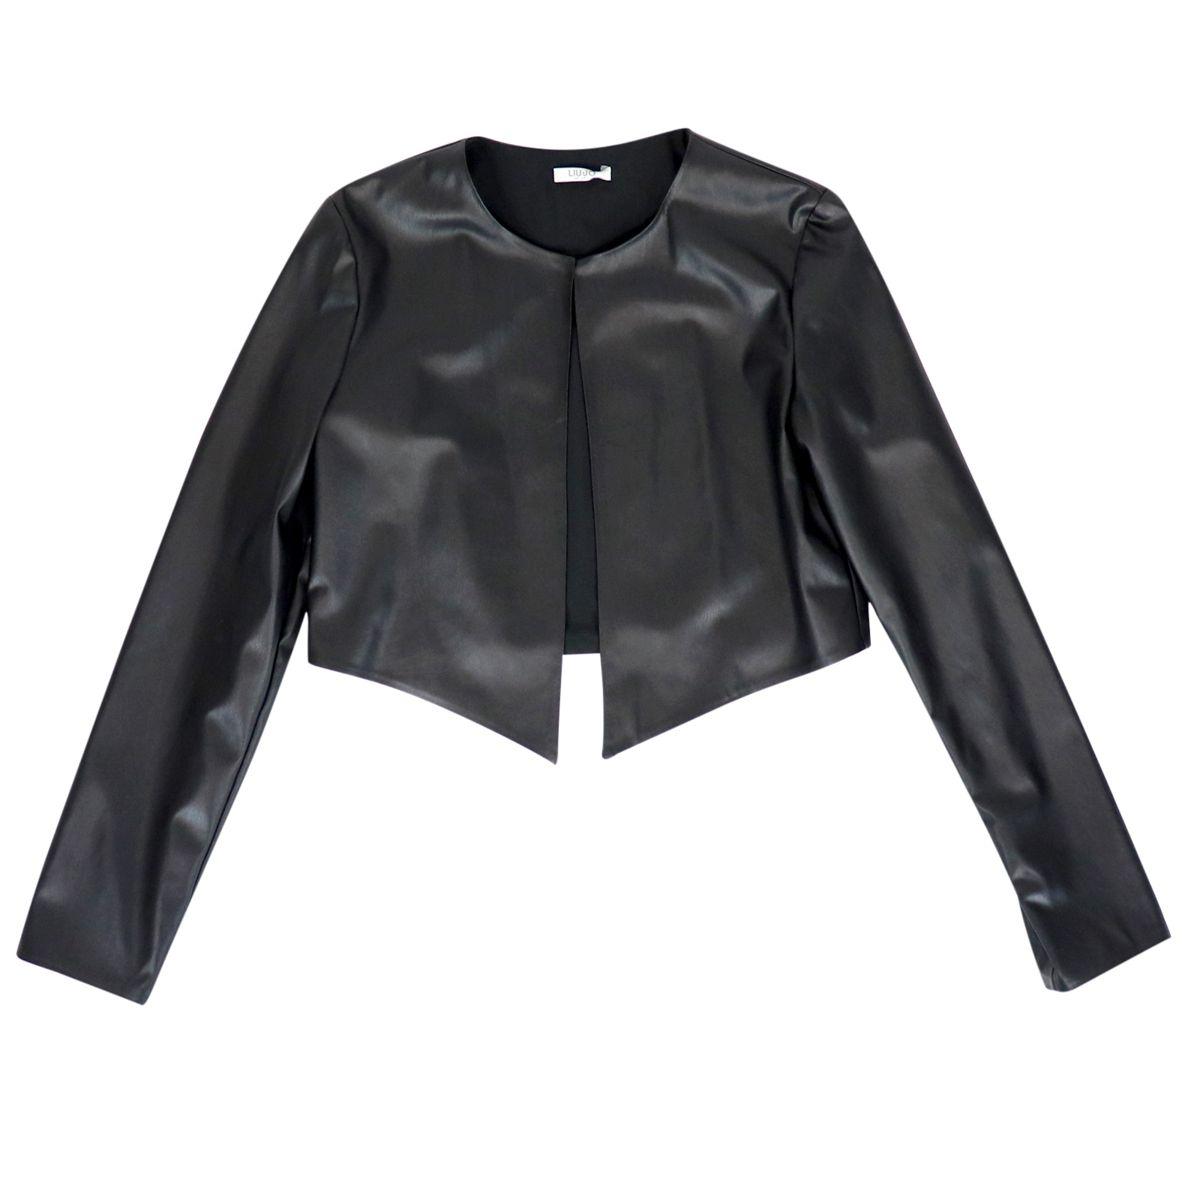 Short open jacket in eco-leather Black Liu Jo